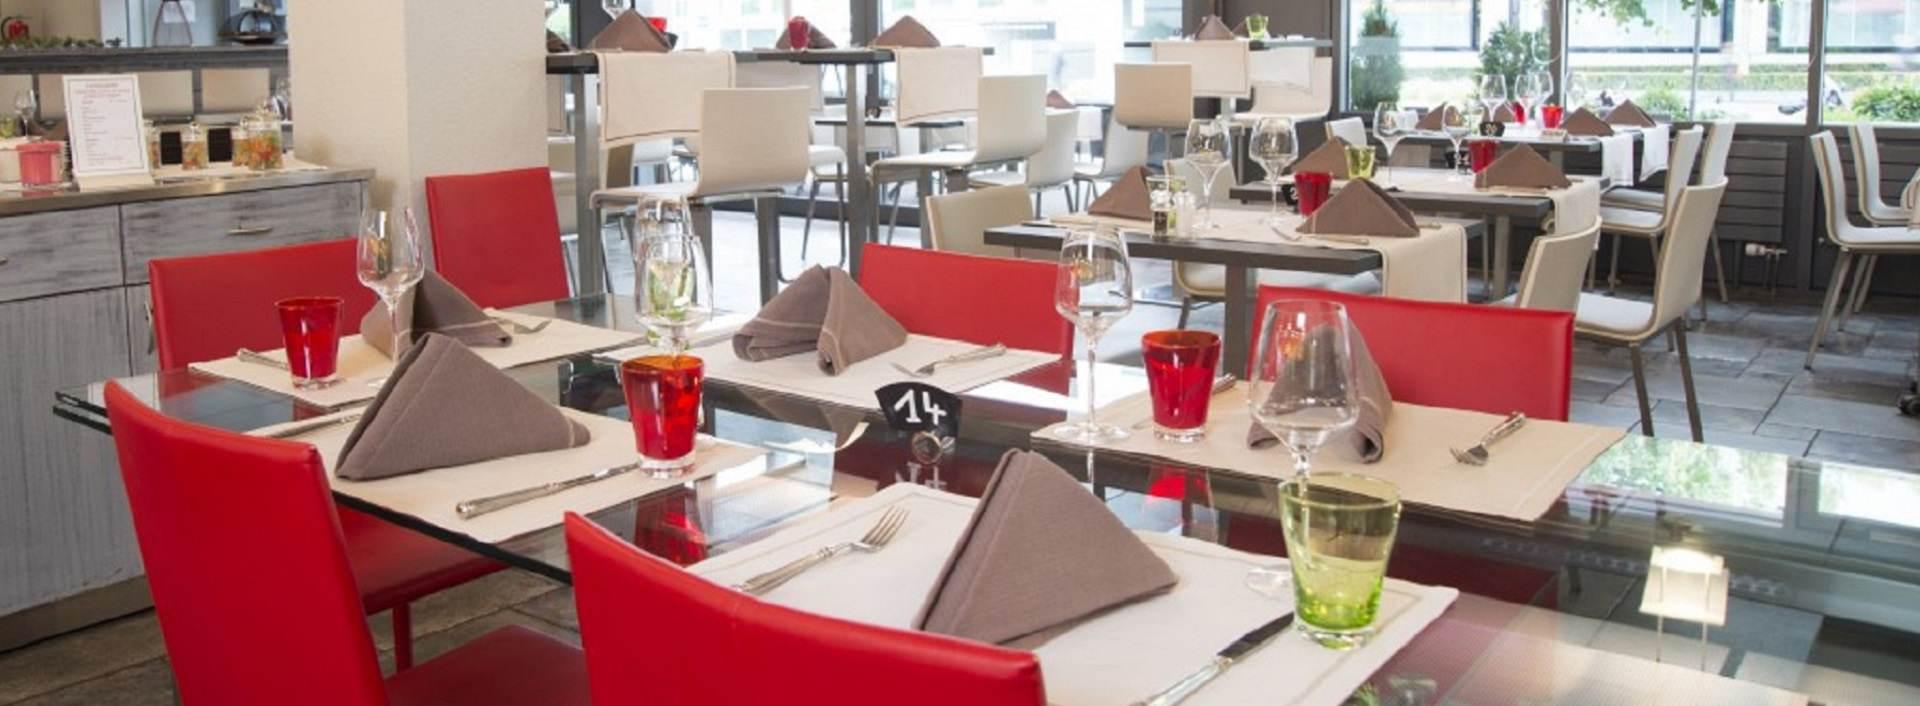 Le Trinquet Genève - Un restaurant au coeur du quartier des Acacias 1920x706 final